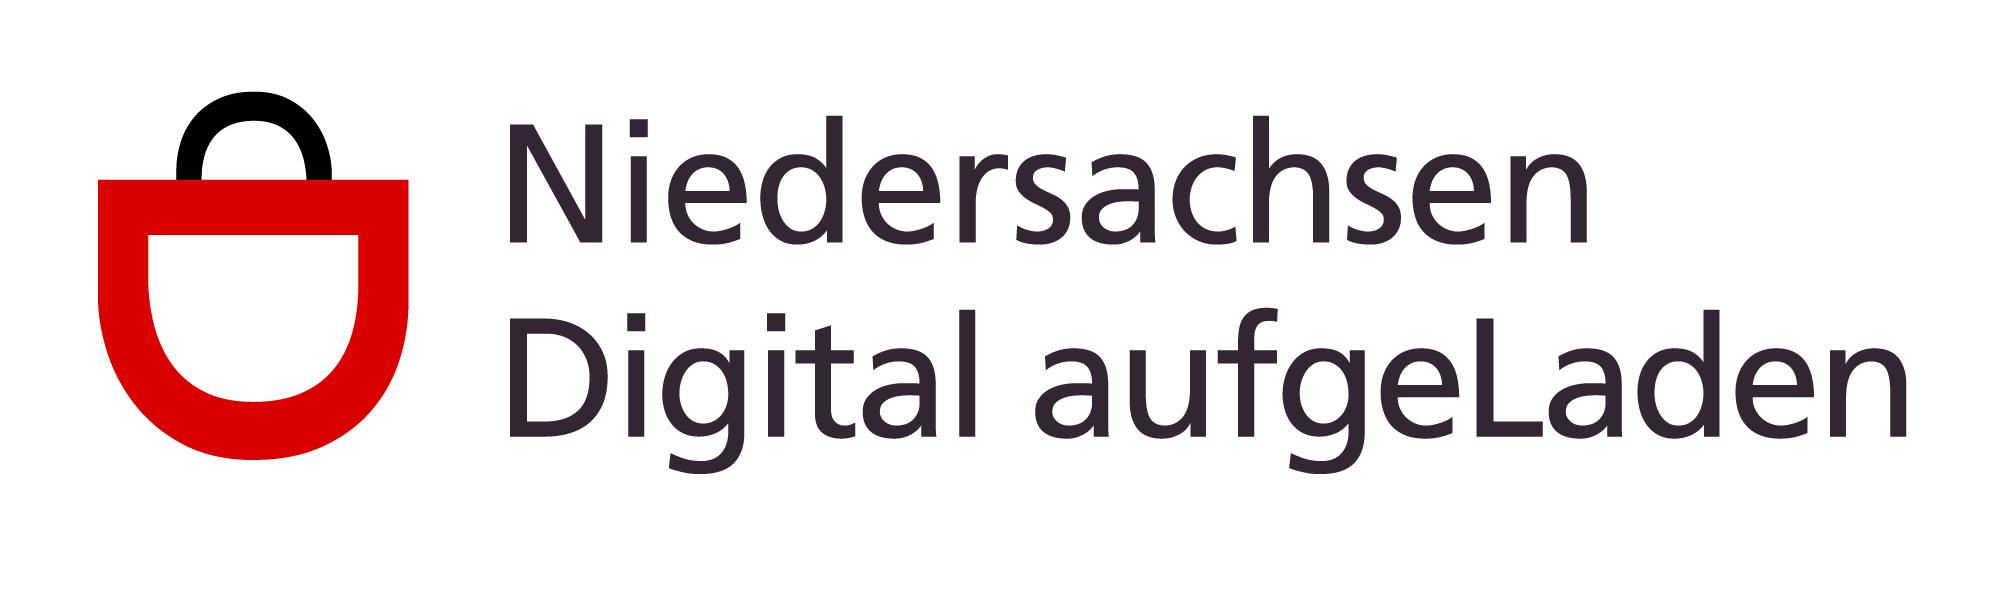 Niedersachsen Digital aufgeLaden – Digitalagentur Niedersachsen